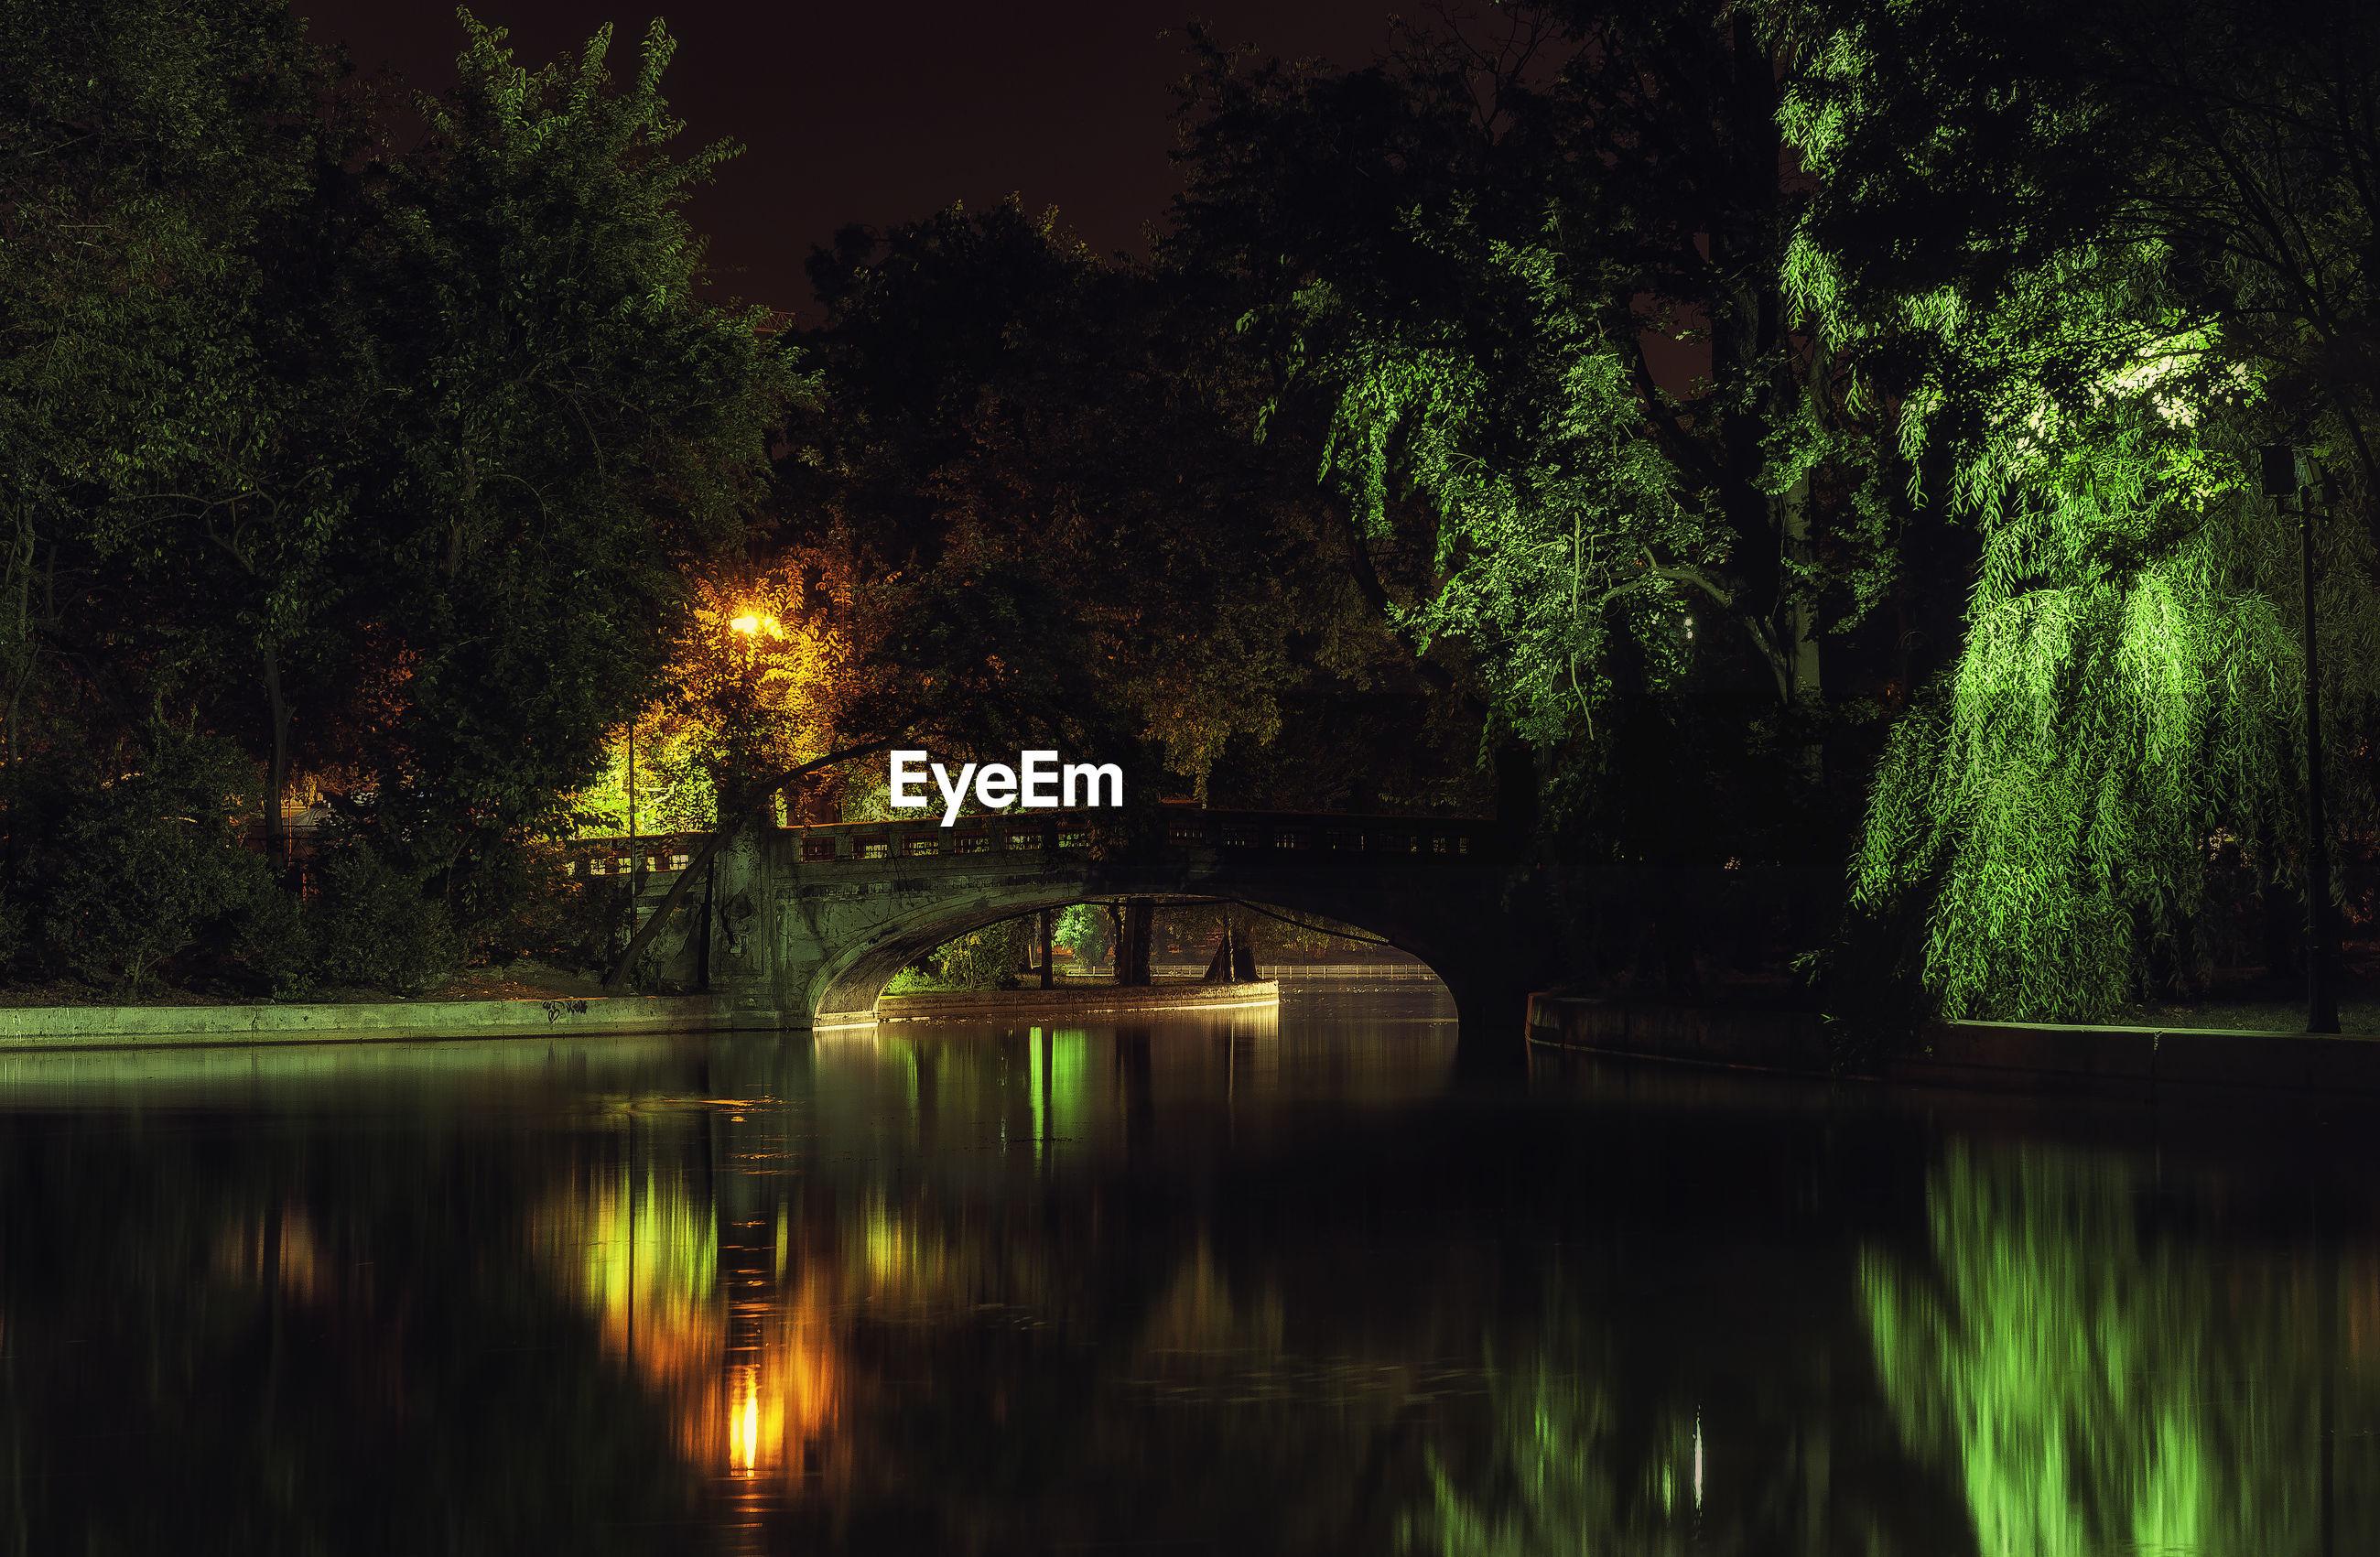 VIEW OF CALM LAKE AT NIGHT